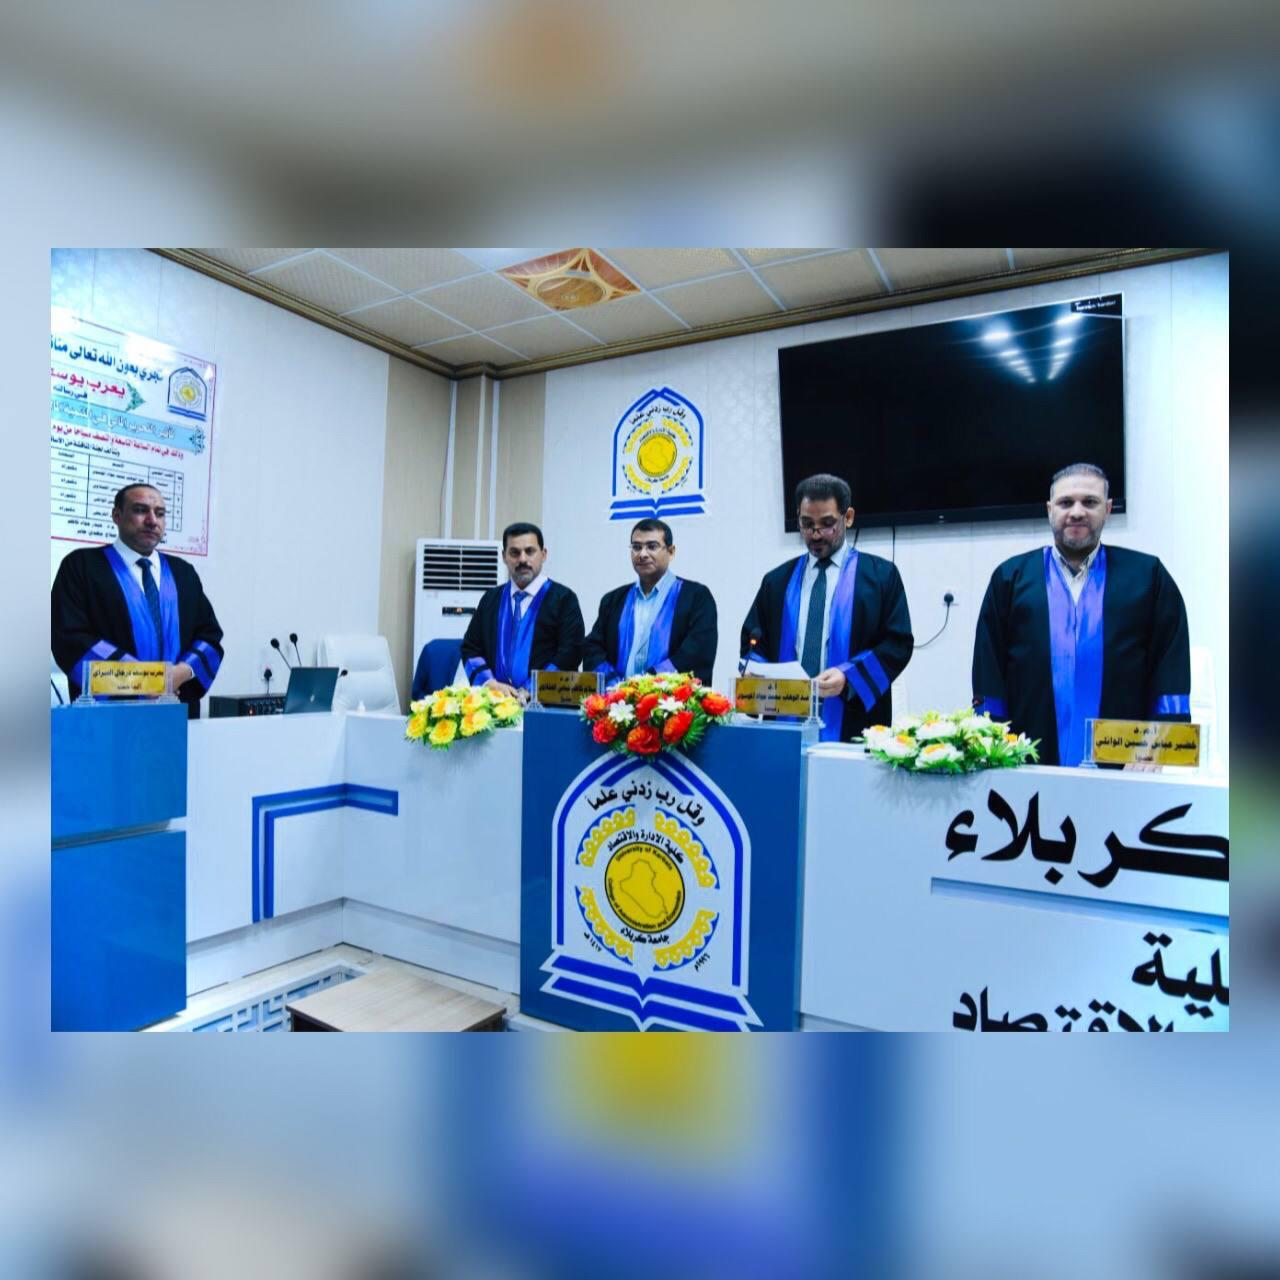 You are currently viewing جامعة كربلاء تناقش تأثير التحرير المالي في التنمية المالية تجارب مختارة مع إشارة للعراق